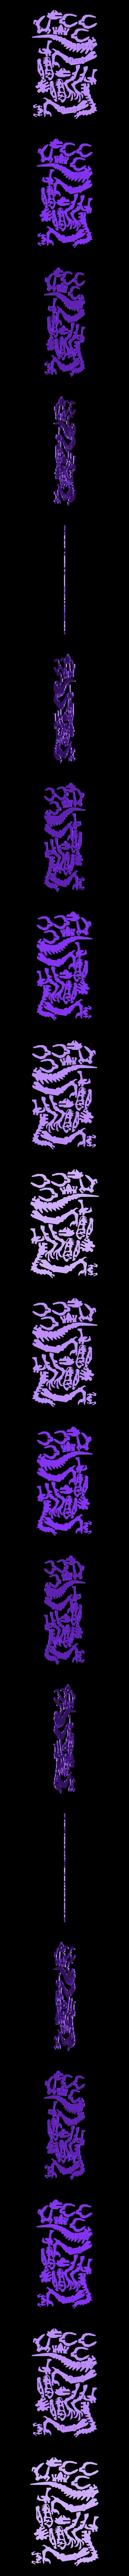 rap.stl Télécharger fichier STL gratuit Carte de visite Velociraptor • Design imprimable en 3D, Mathorethan